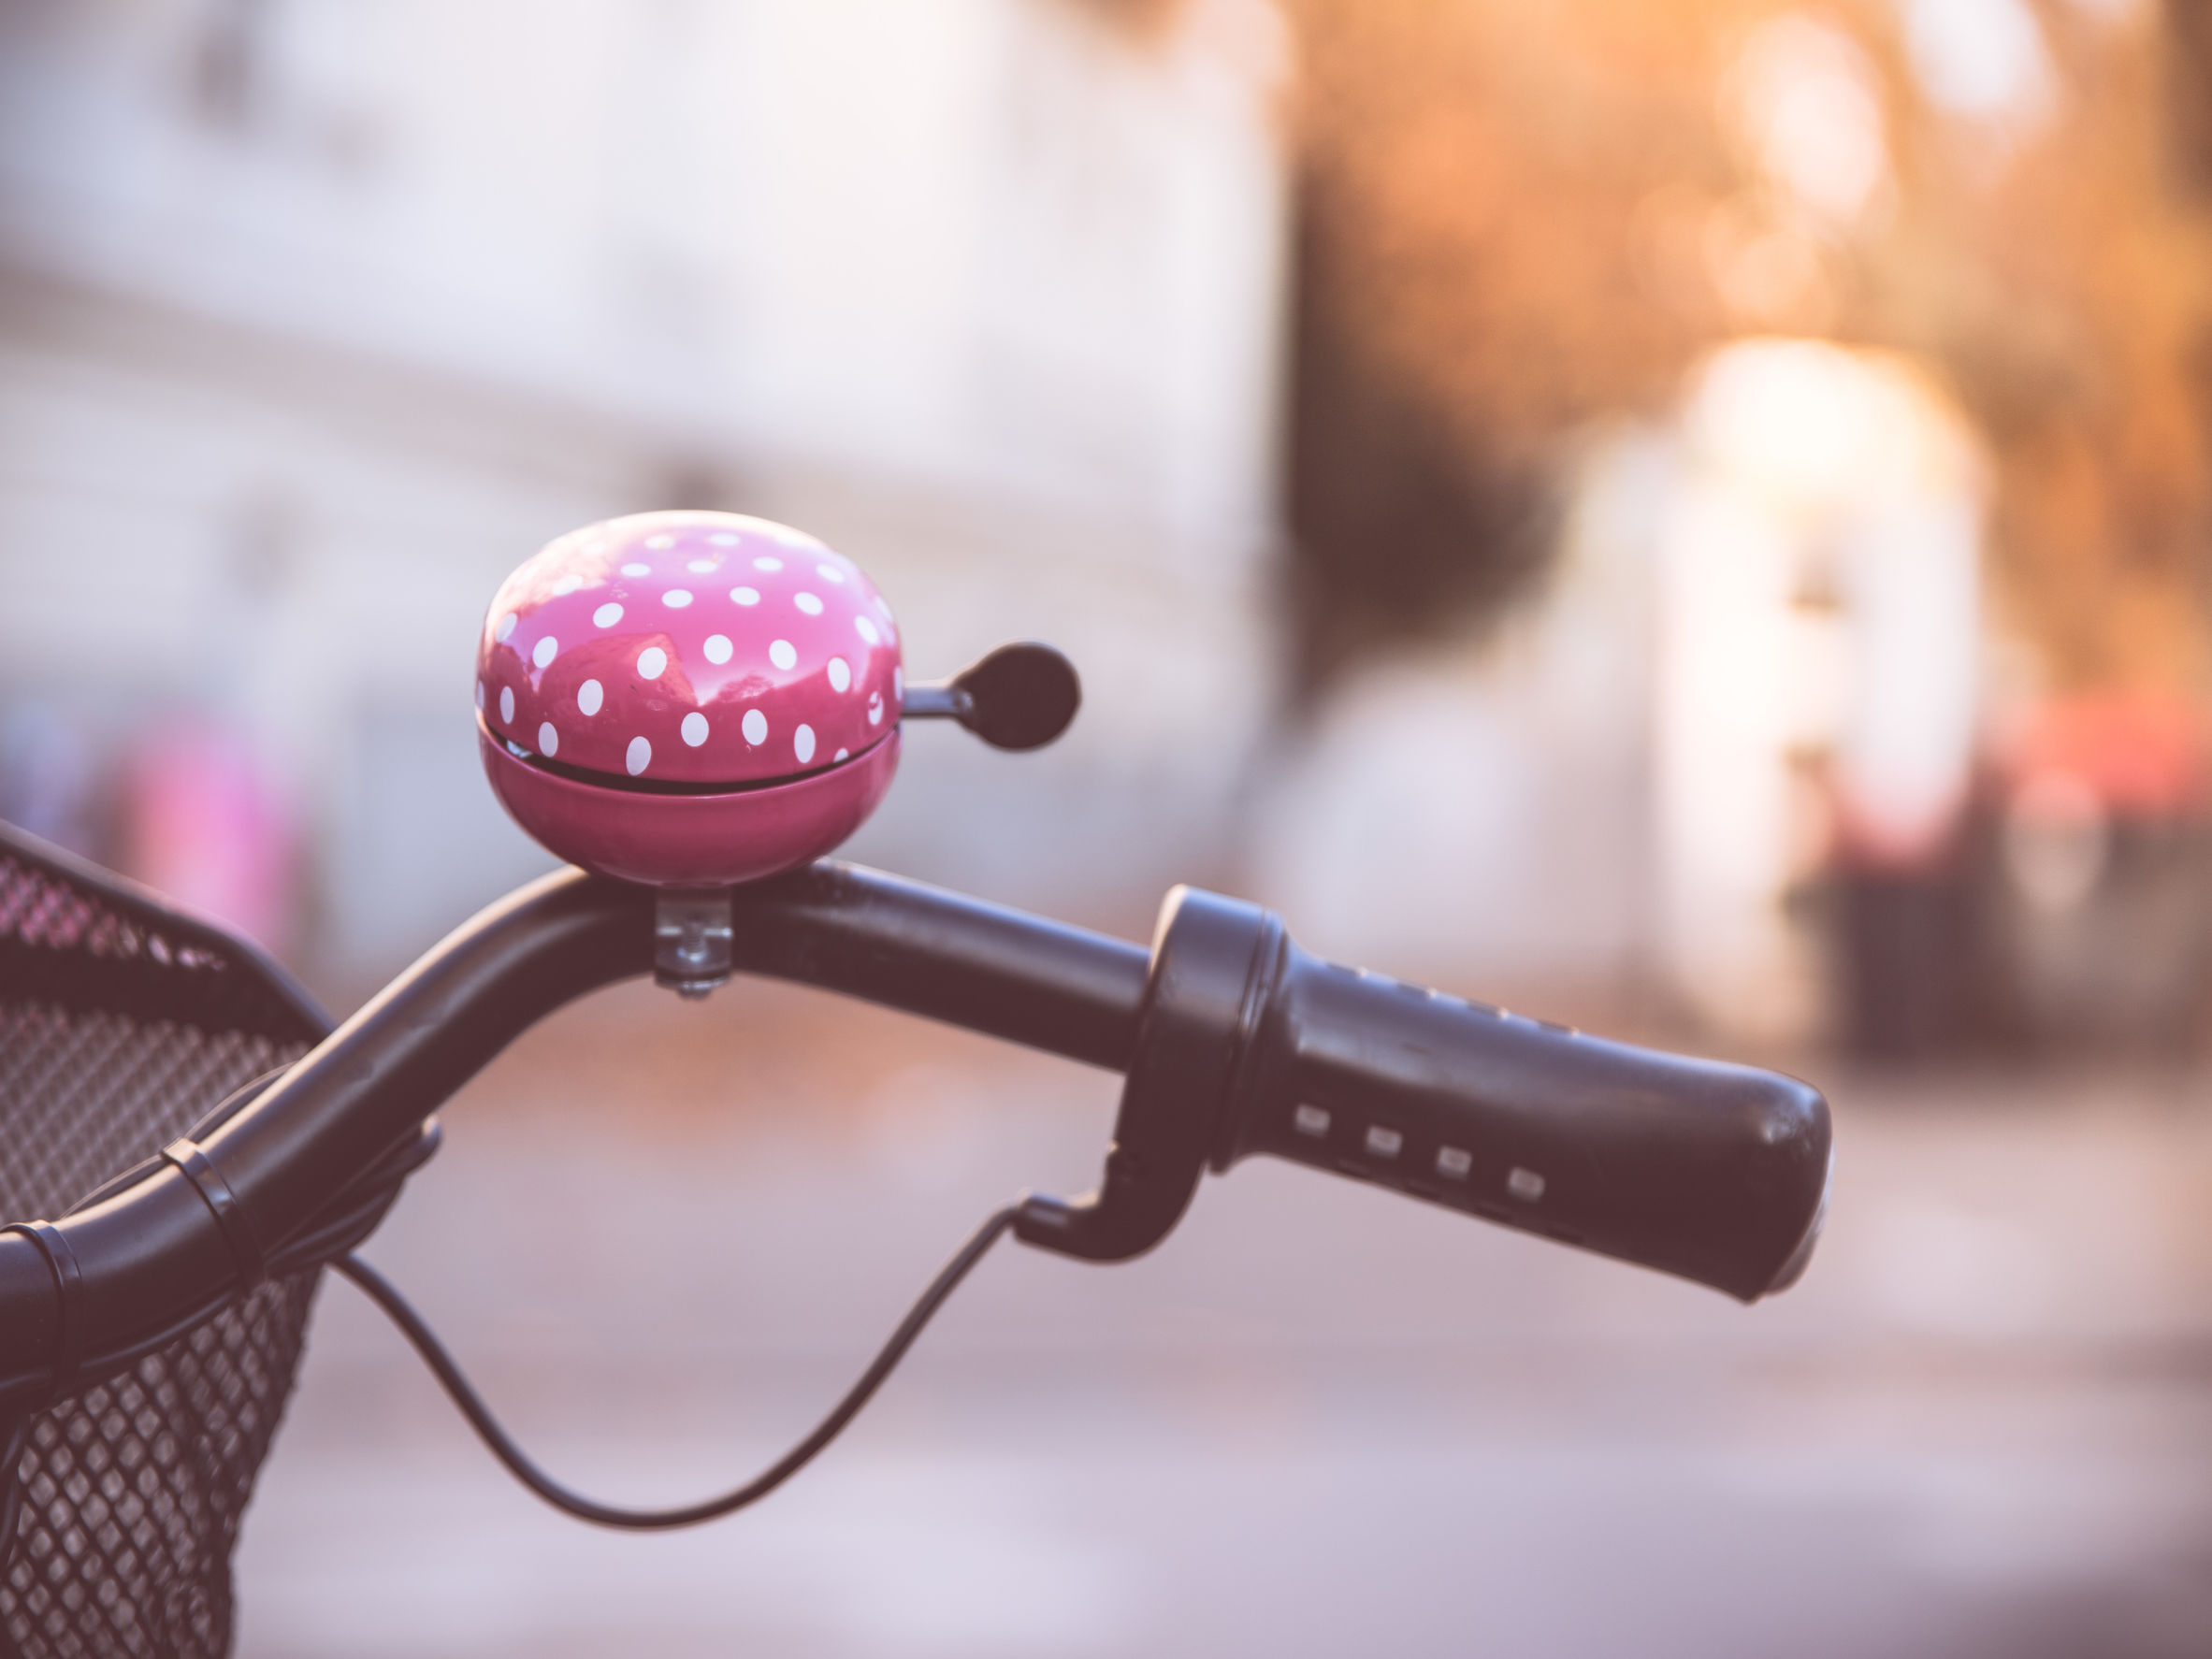 Fahrradklingel: Test & Empfehlungen (05/21)